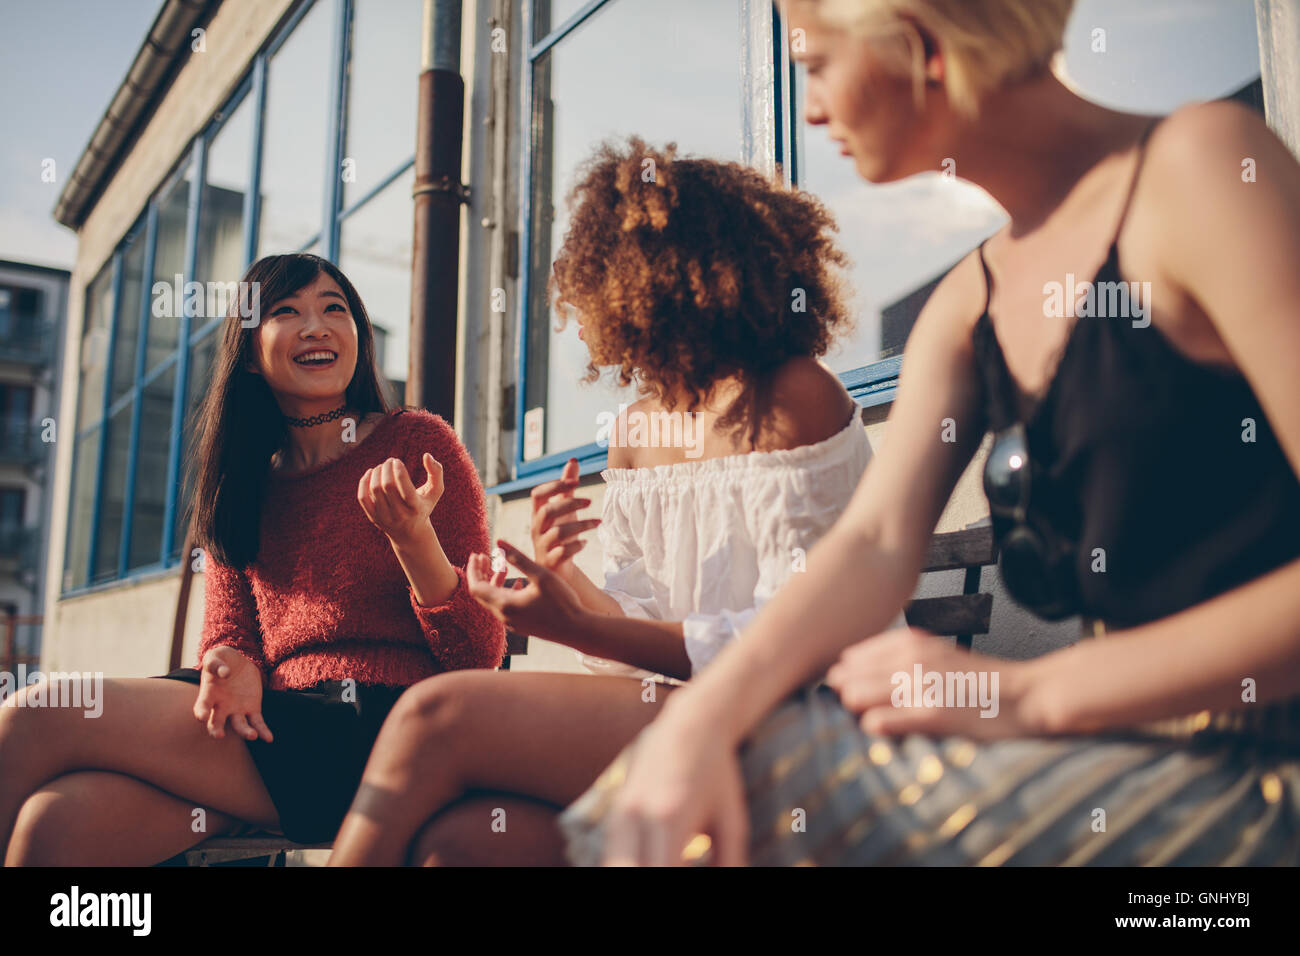 Groupe multiethnique d'amies assis à l'extérieur et de parler. Les jeunes femmes assises en balcon. Photo Stock